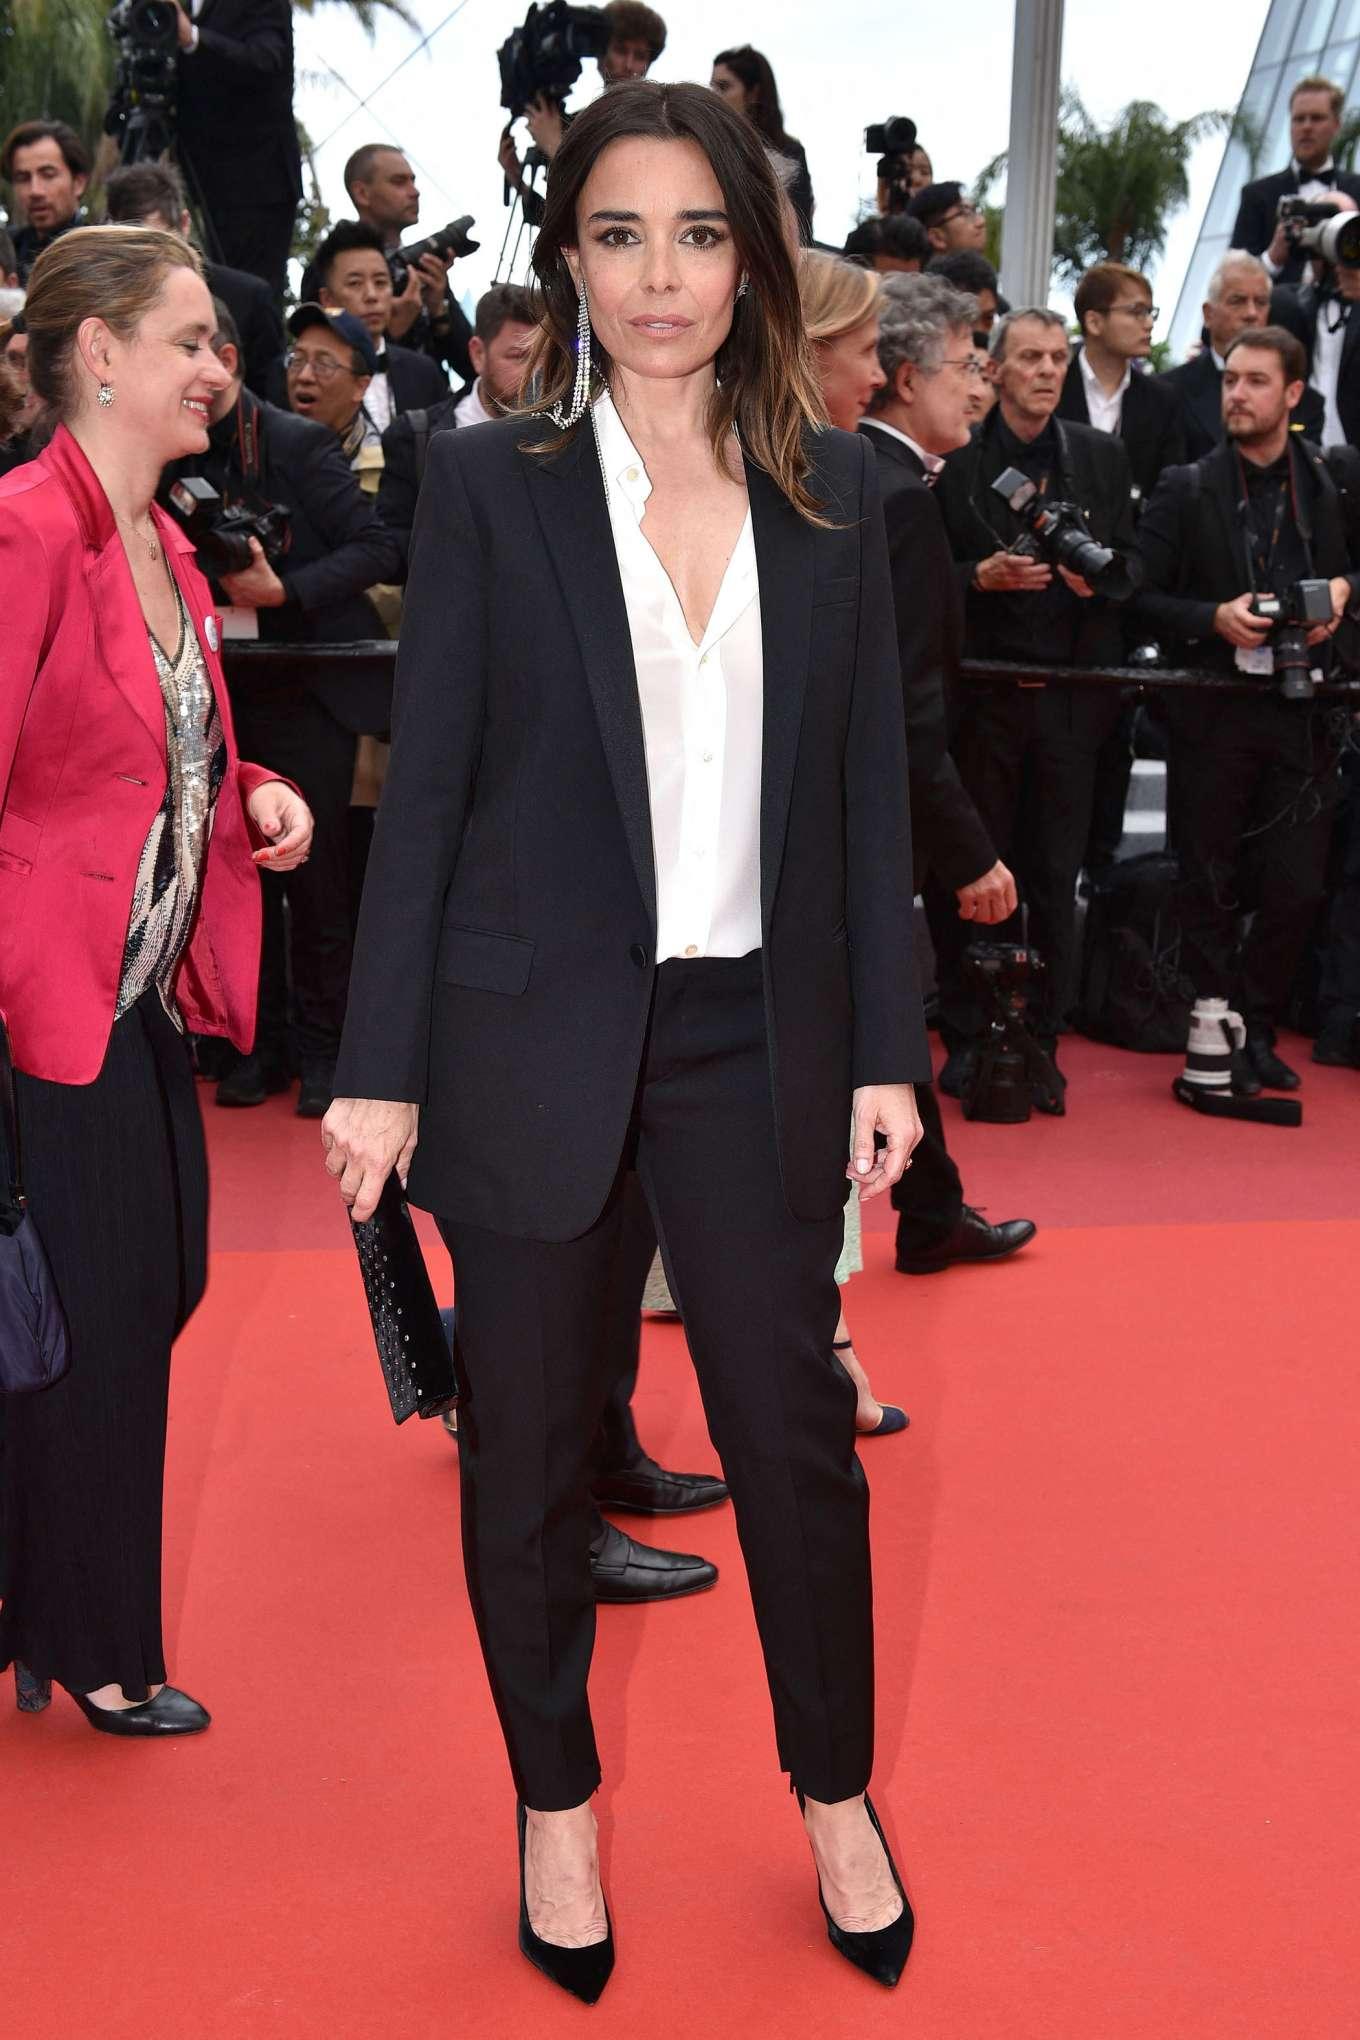 Elodie Bouchez 2019 : Elodie Bouchez: La Belle Epoque Premiere at 2019 Cannes Film Festival-10